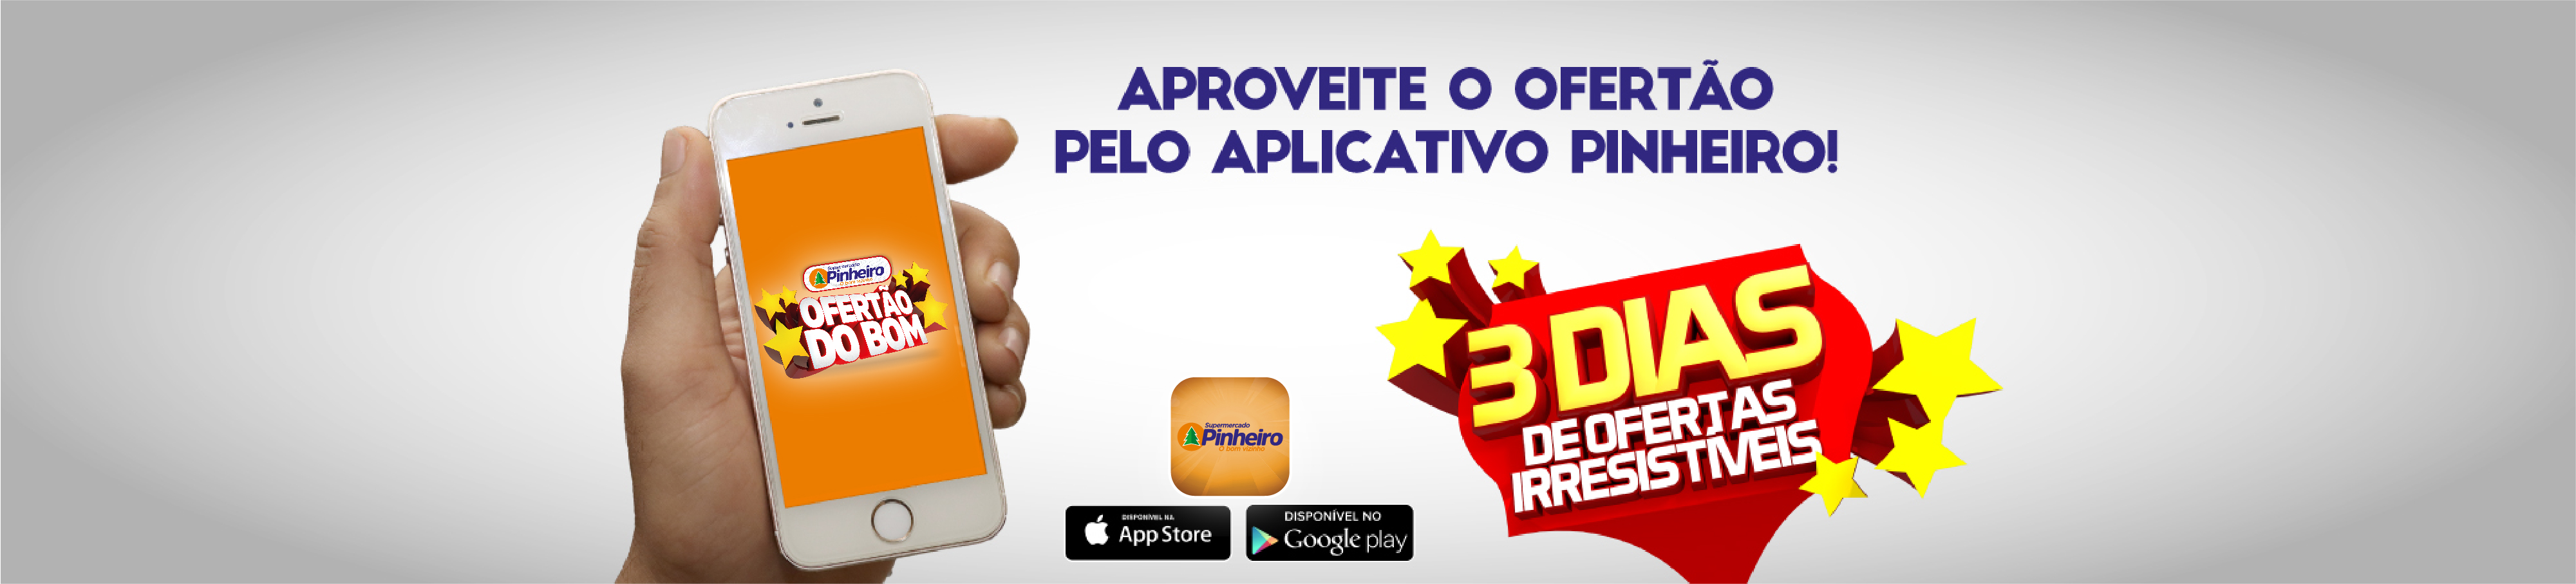 00 - APP OFERTÃO